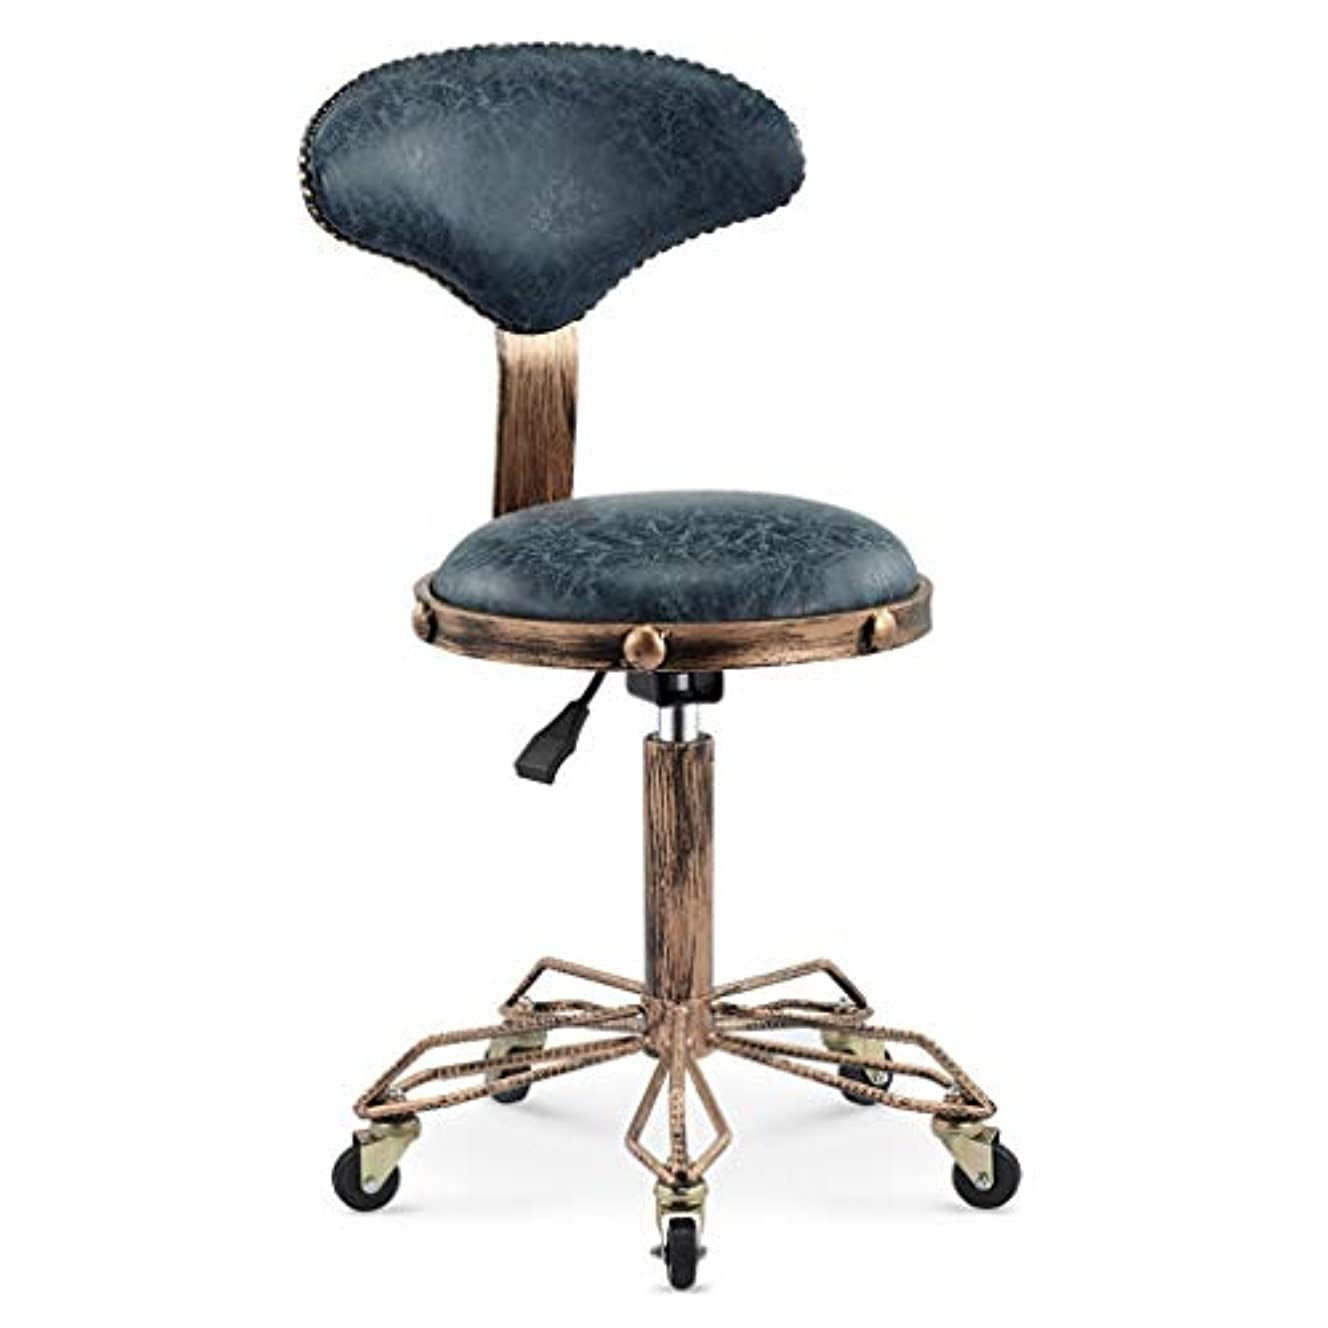 準備する下品ピーブ回転椅子-美容スツール理髪店の椅子ヘアサロンロータリーリフトスツールメイクヘアサロンプーリーチェア散髪 (Color : Dark blue)